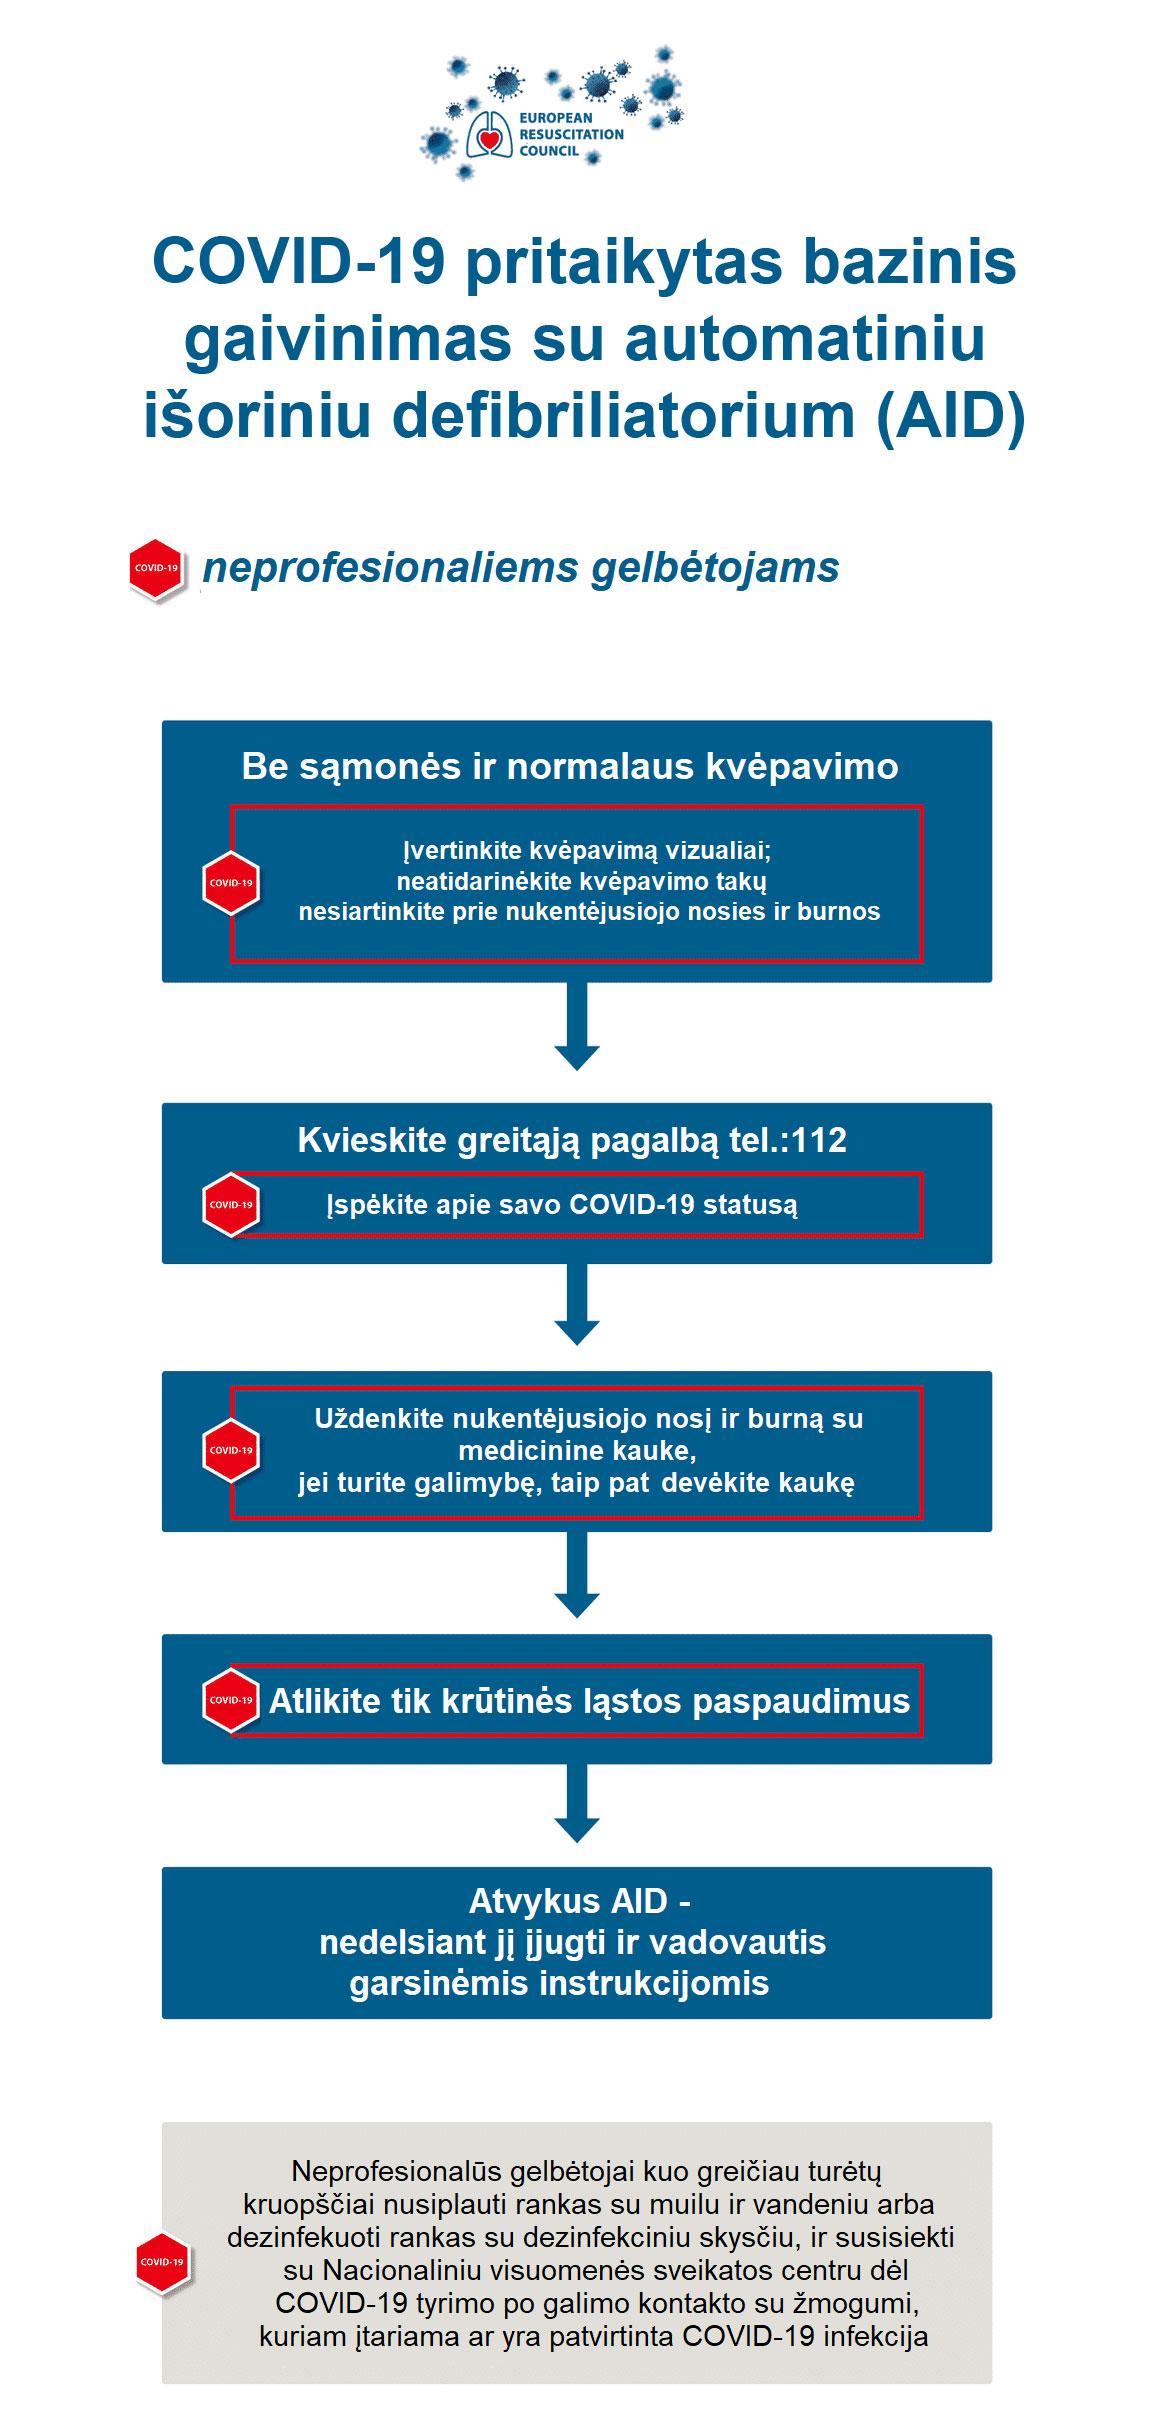 COVID-19 pritaikytas bazinis gaivinimas su automatiniu išoriniu defibriliatorium (AID)